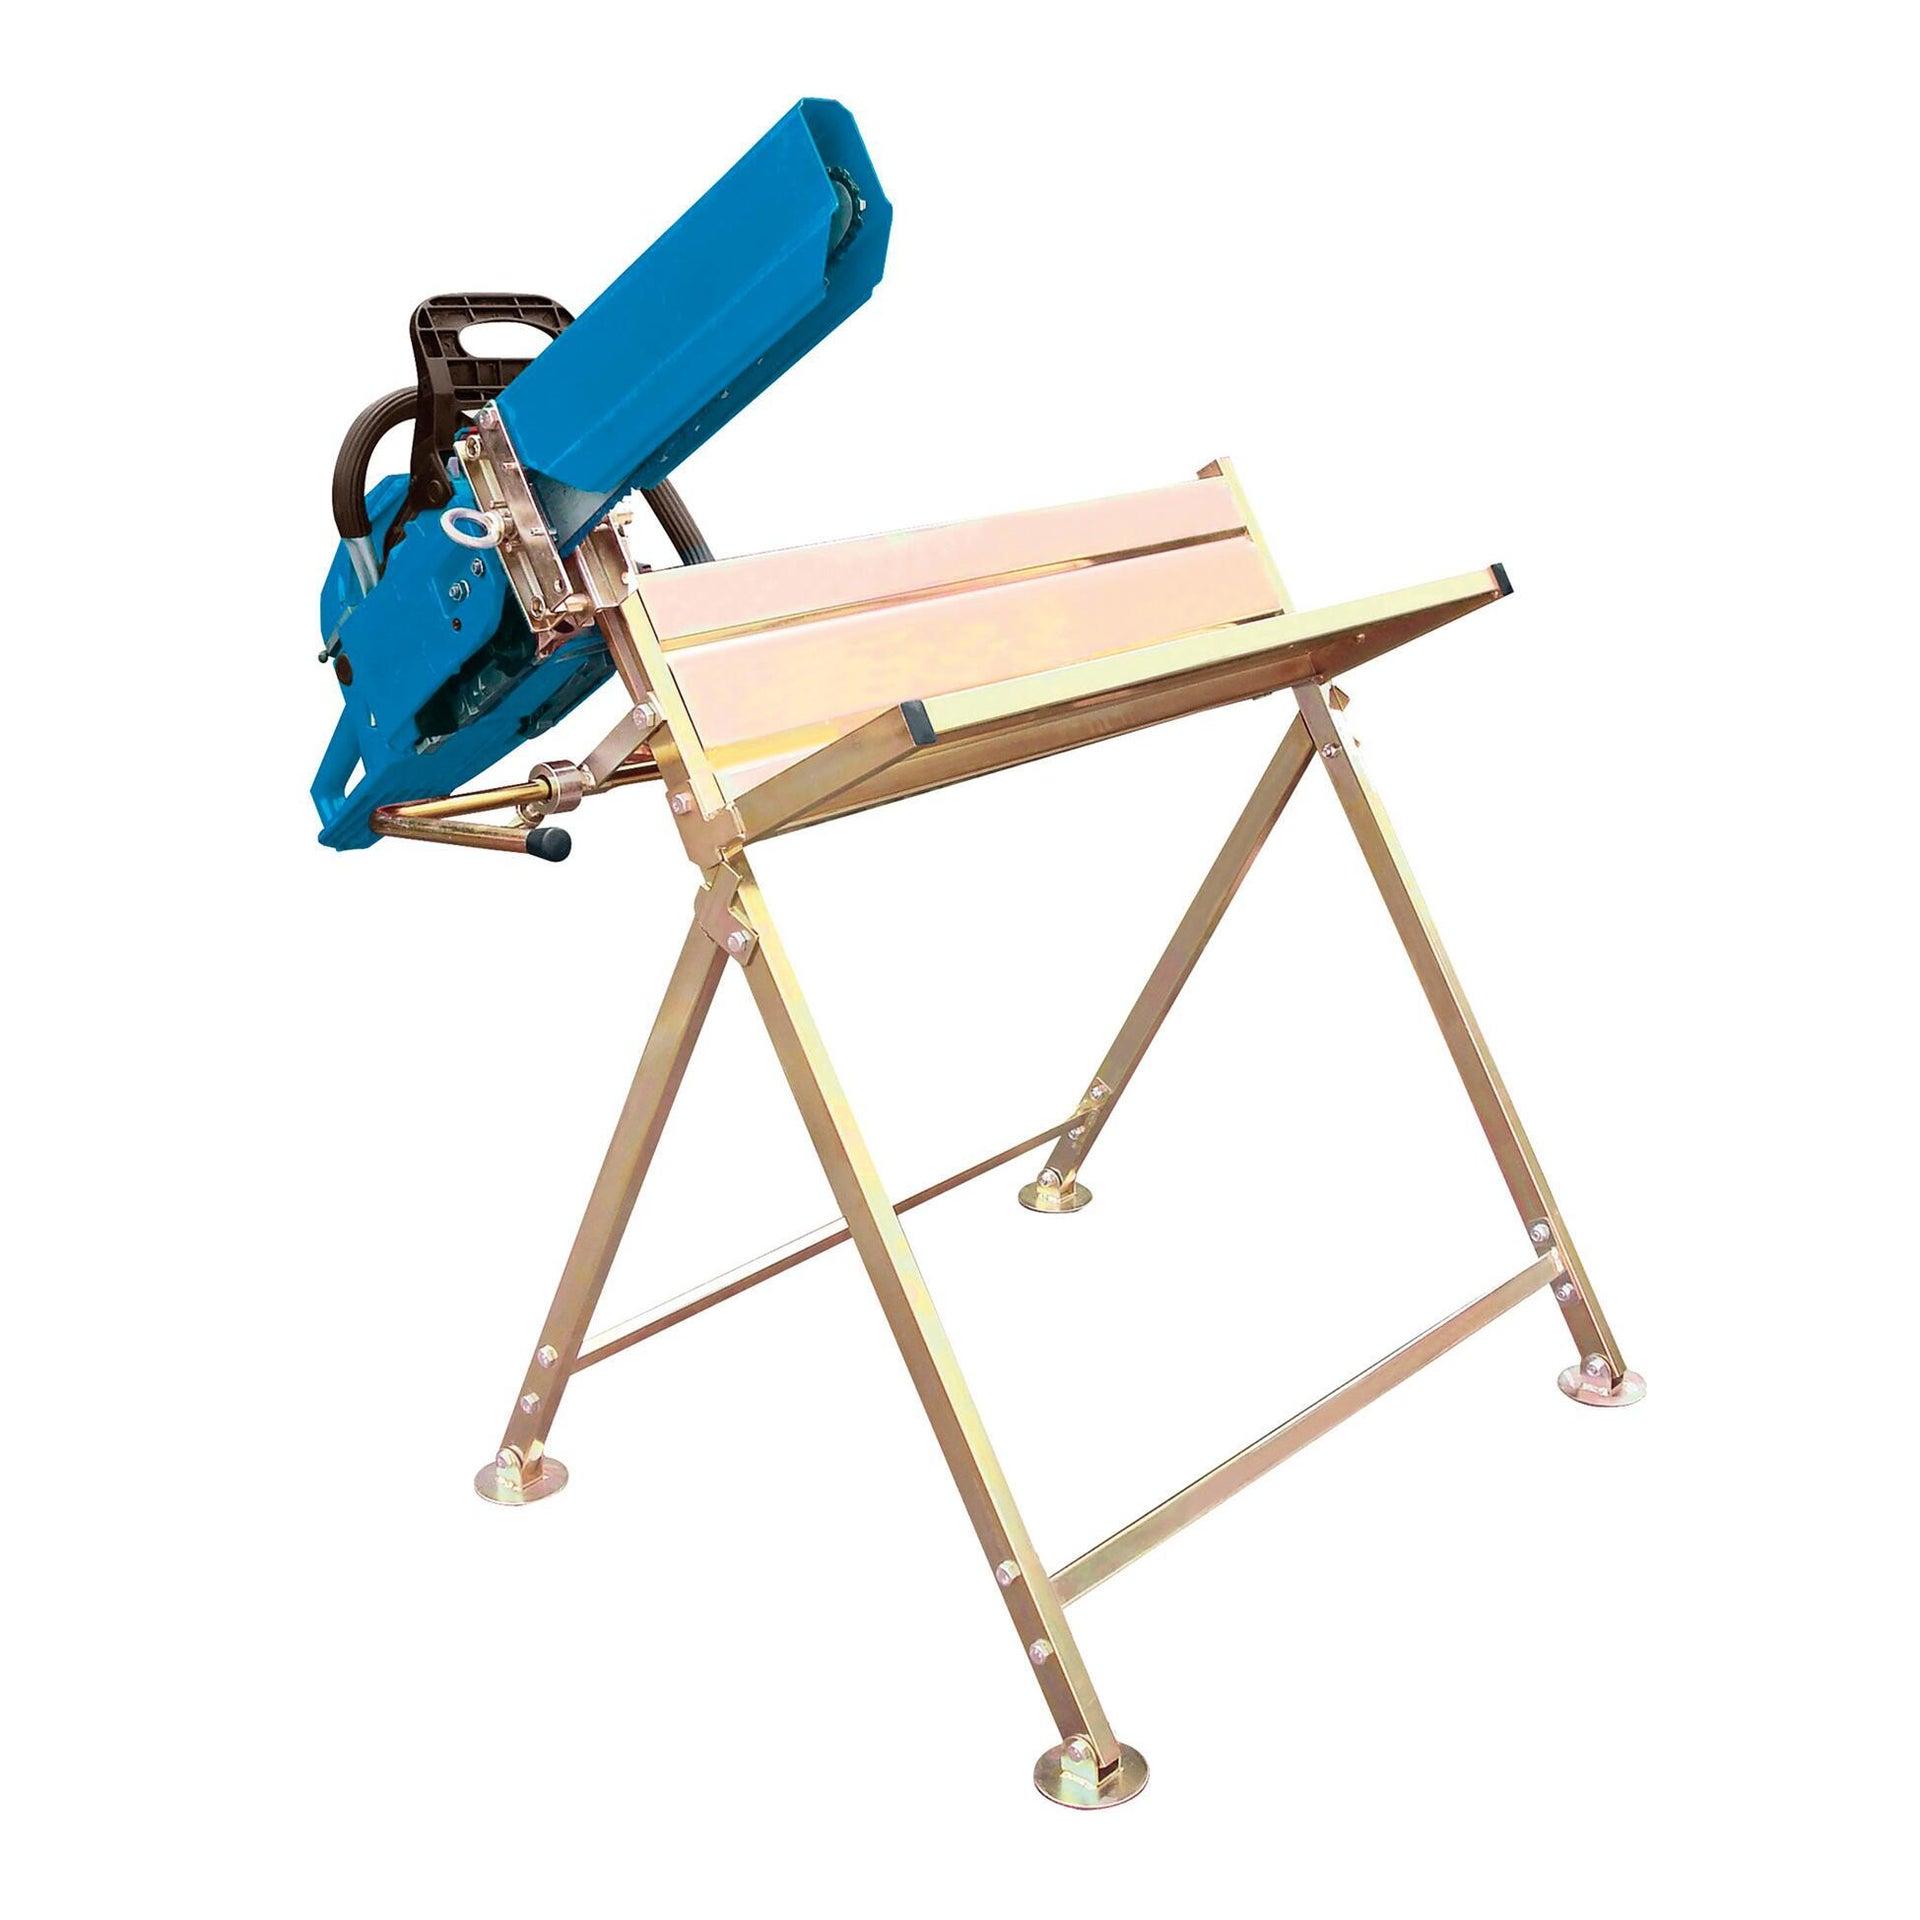 Cavalletto reggi legna in alluminio H 80 cm - 6